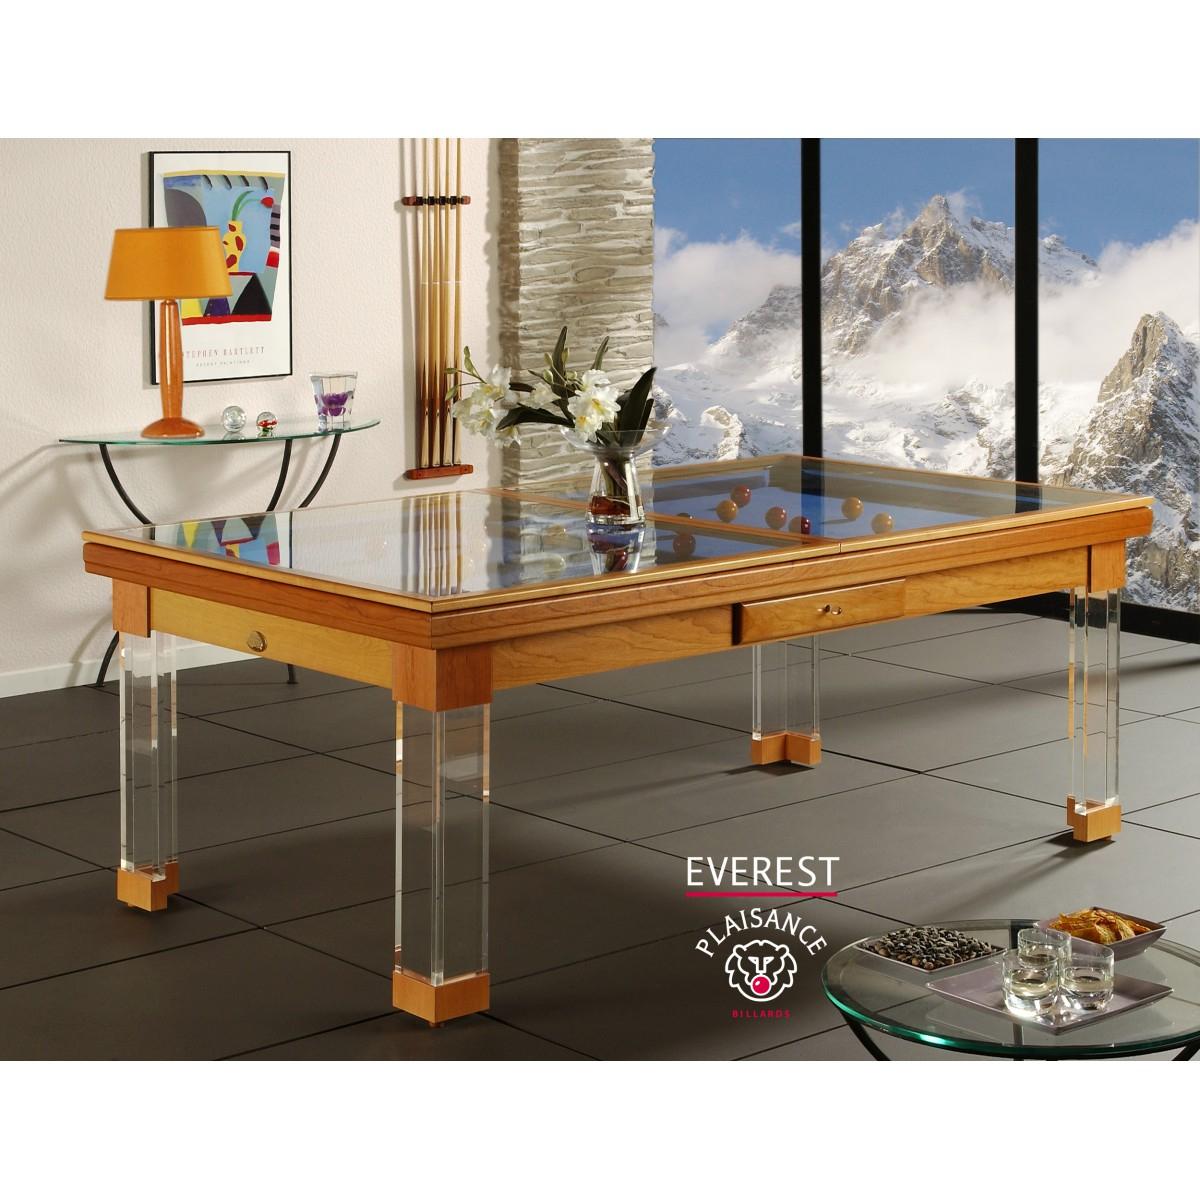 Table De Ping Pong Exterieur Occasion Inspirant Galerie Table Billard Mod¨le Everest De La Gamme Prestige